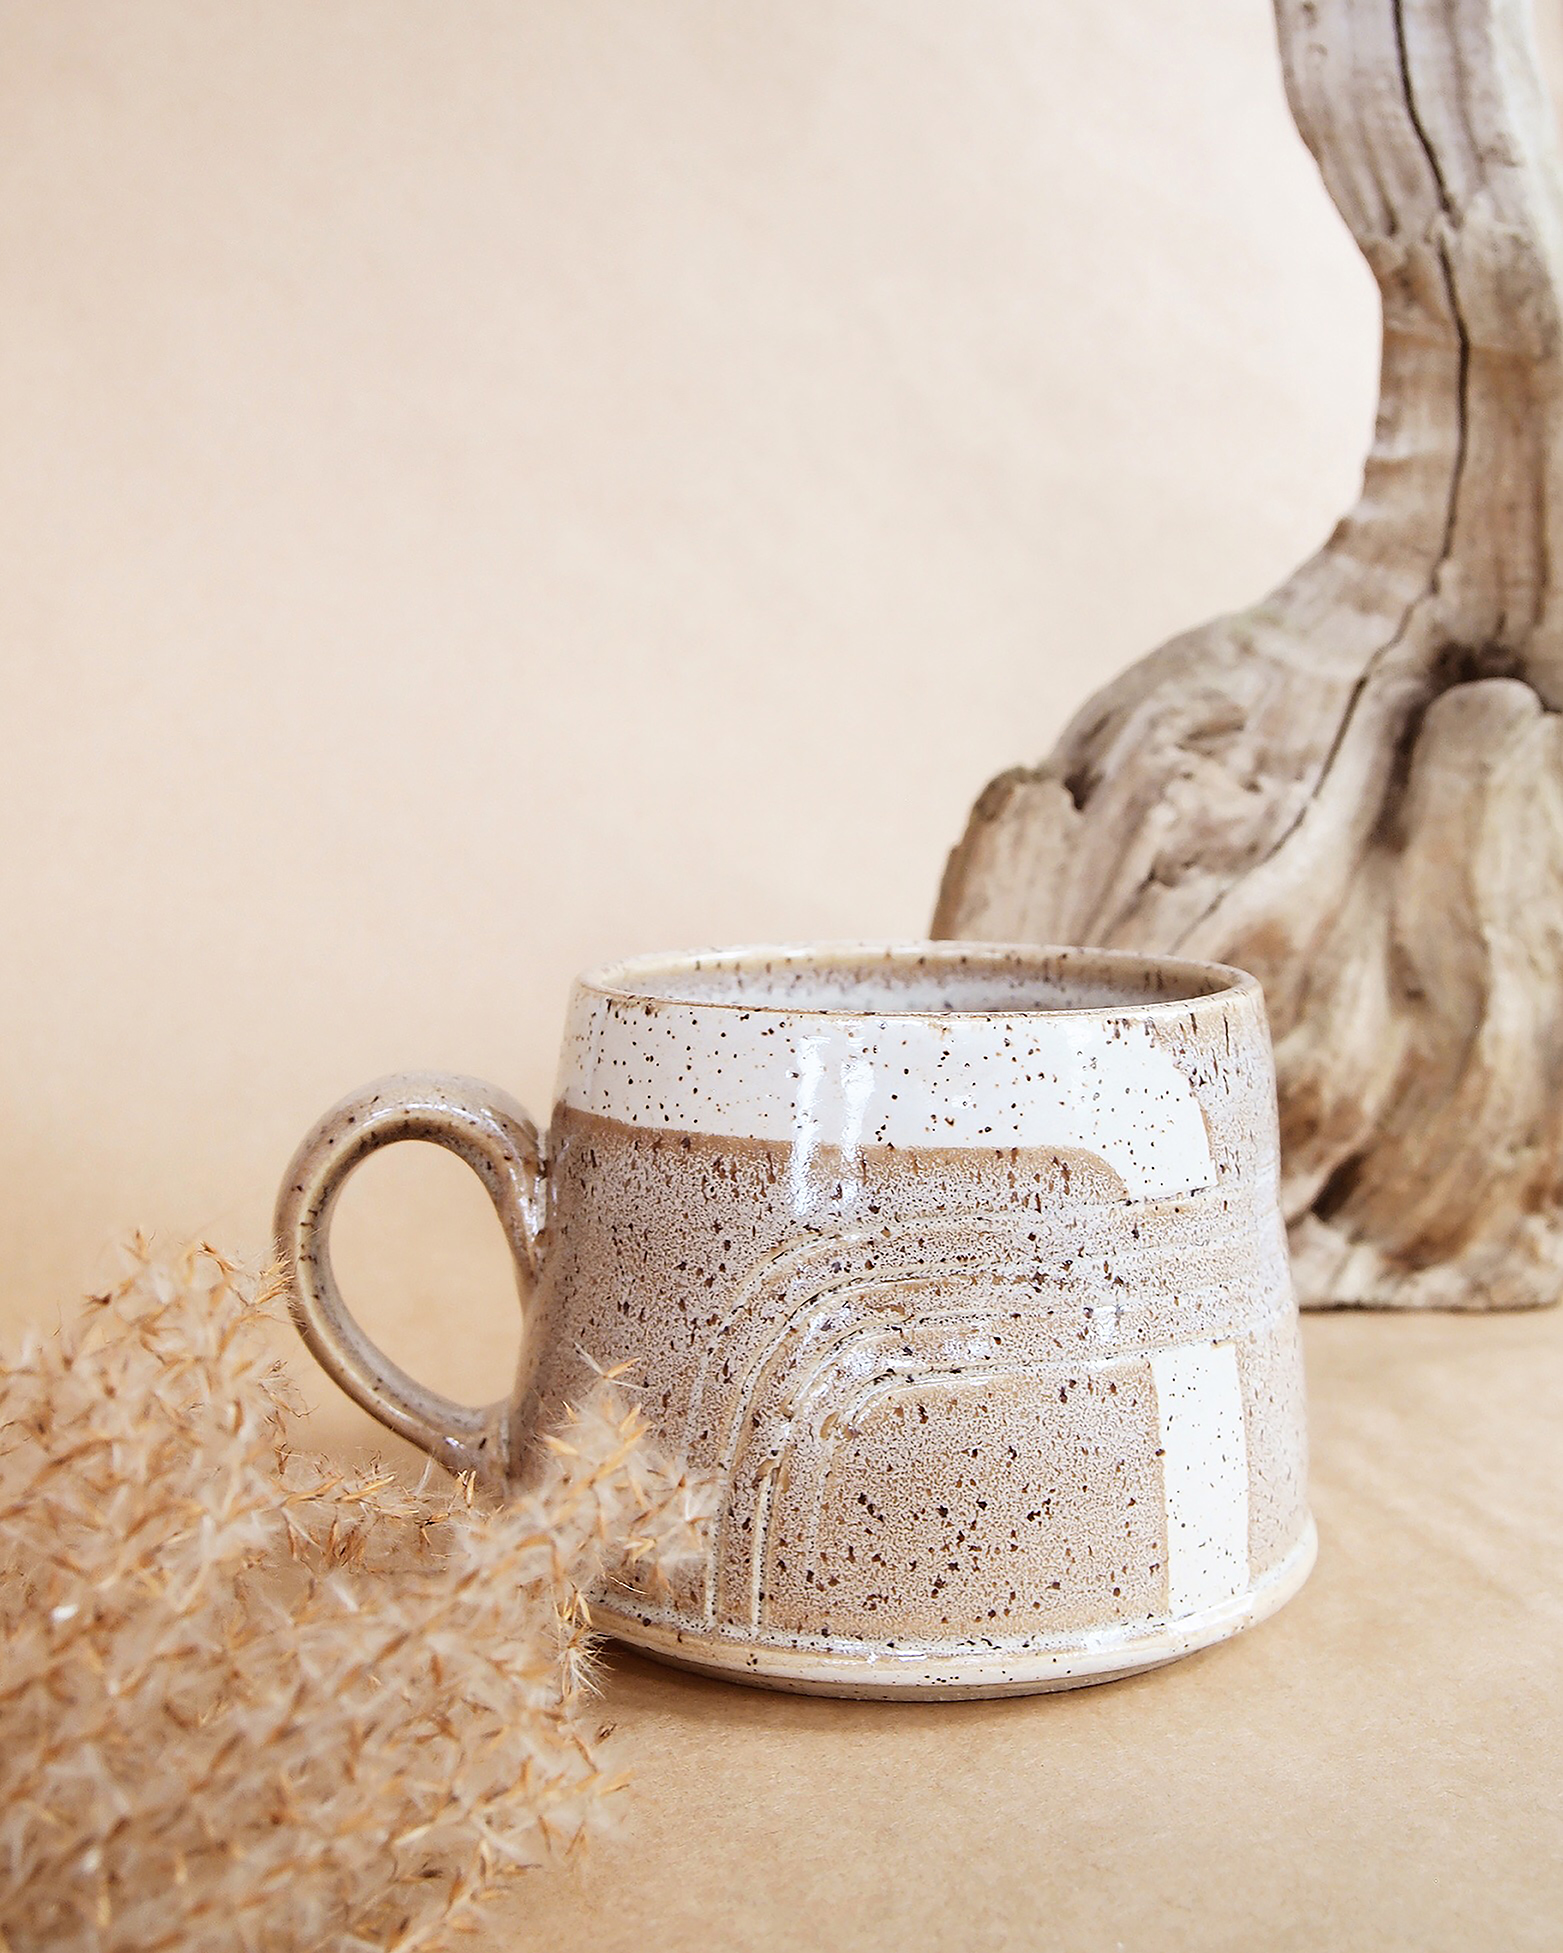 Piton Pottery